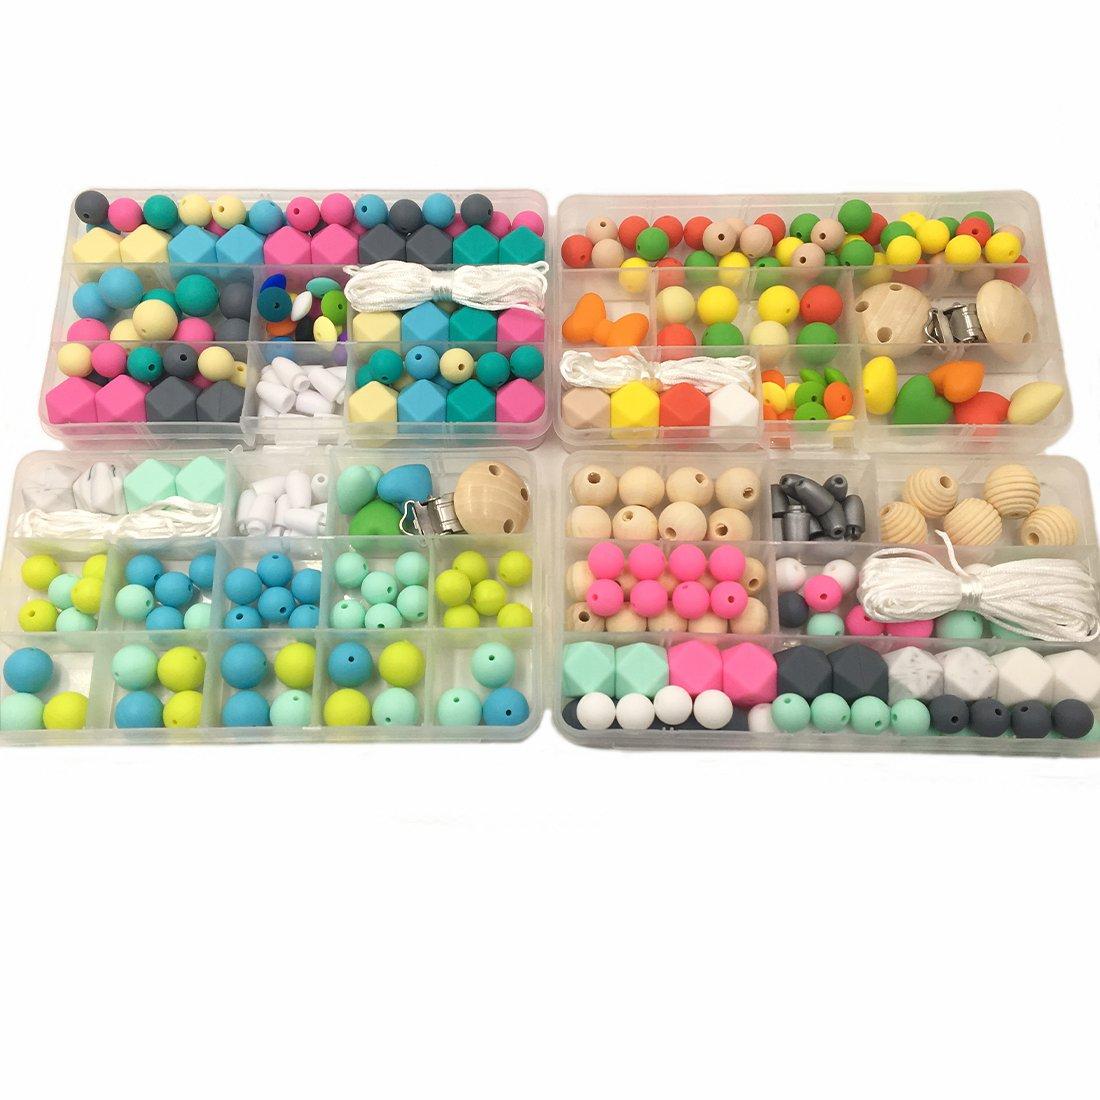 Coskiss 4pc DIY Baby-Beißring Zubehör Geometrie Hexagonal Runde Silikon-Korn-hölzernes Korn und Häkeln Perle Pacifier